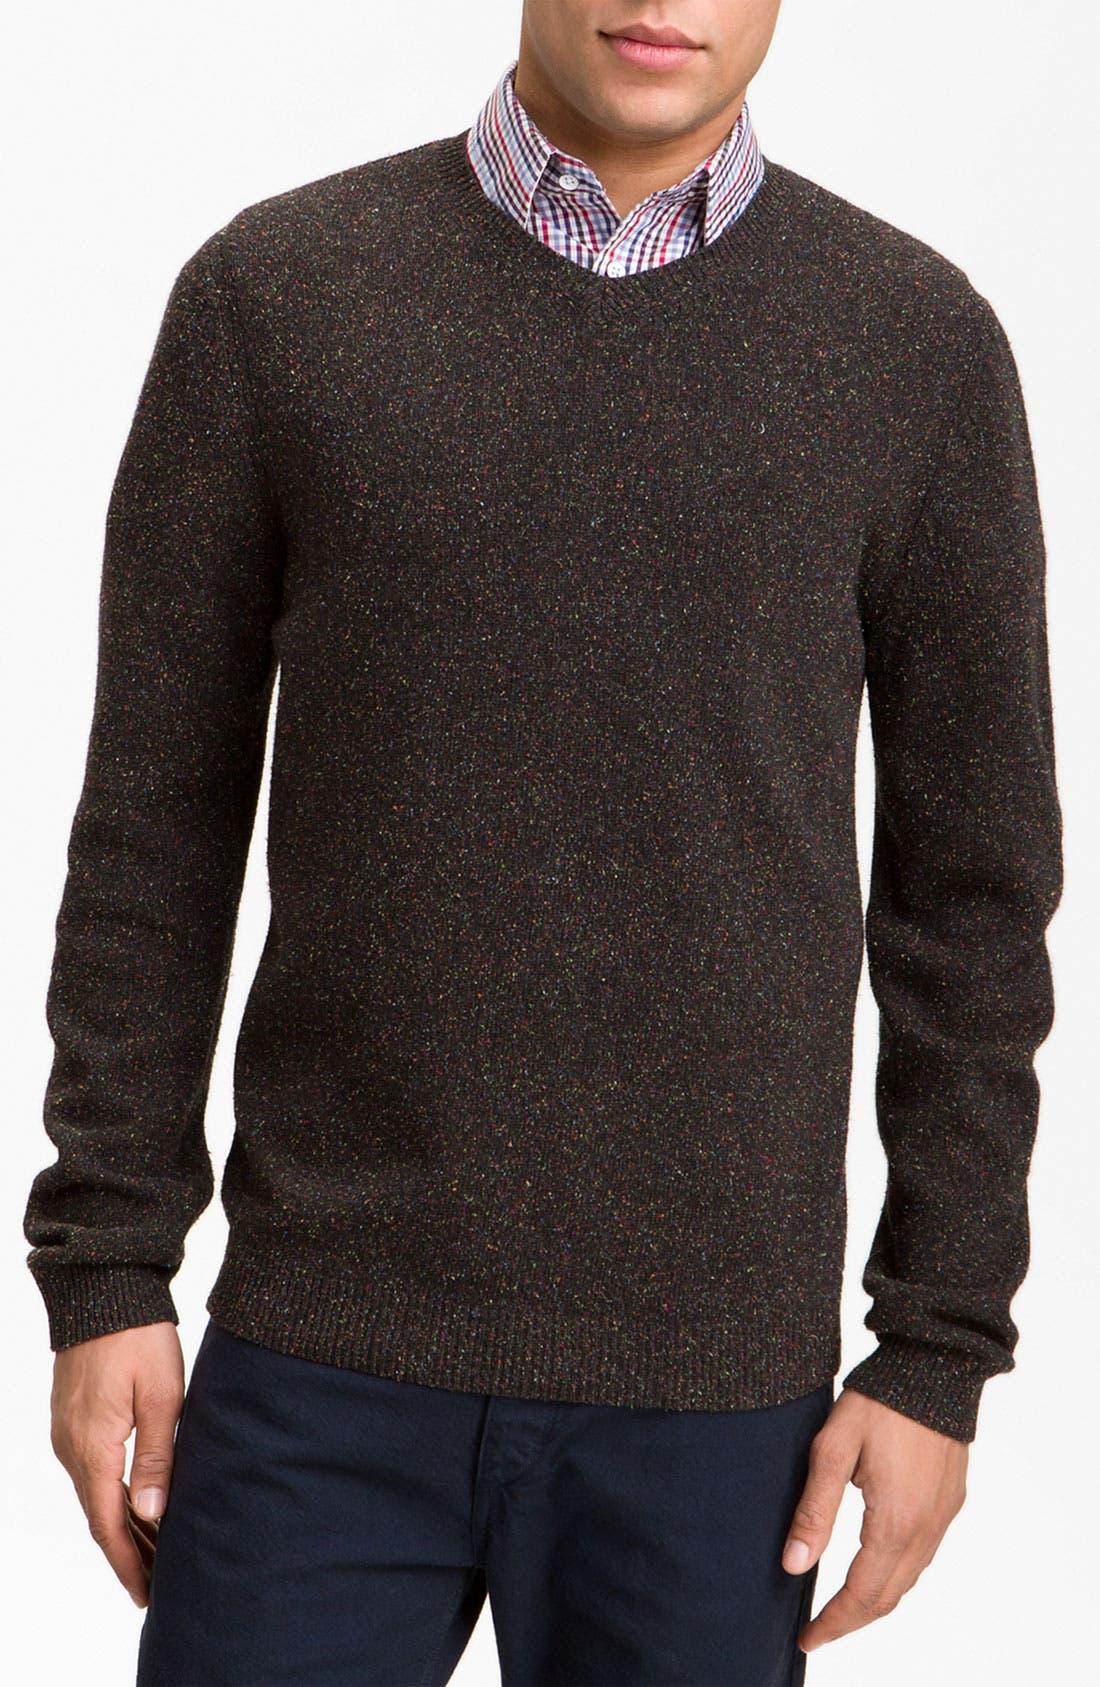 Alternate Image 1 Selected - rag & bone 'Toledo' V-Neck Sweater